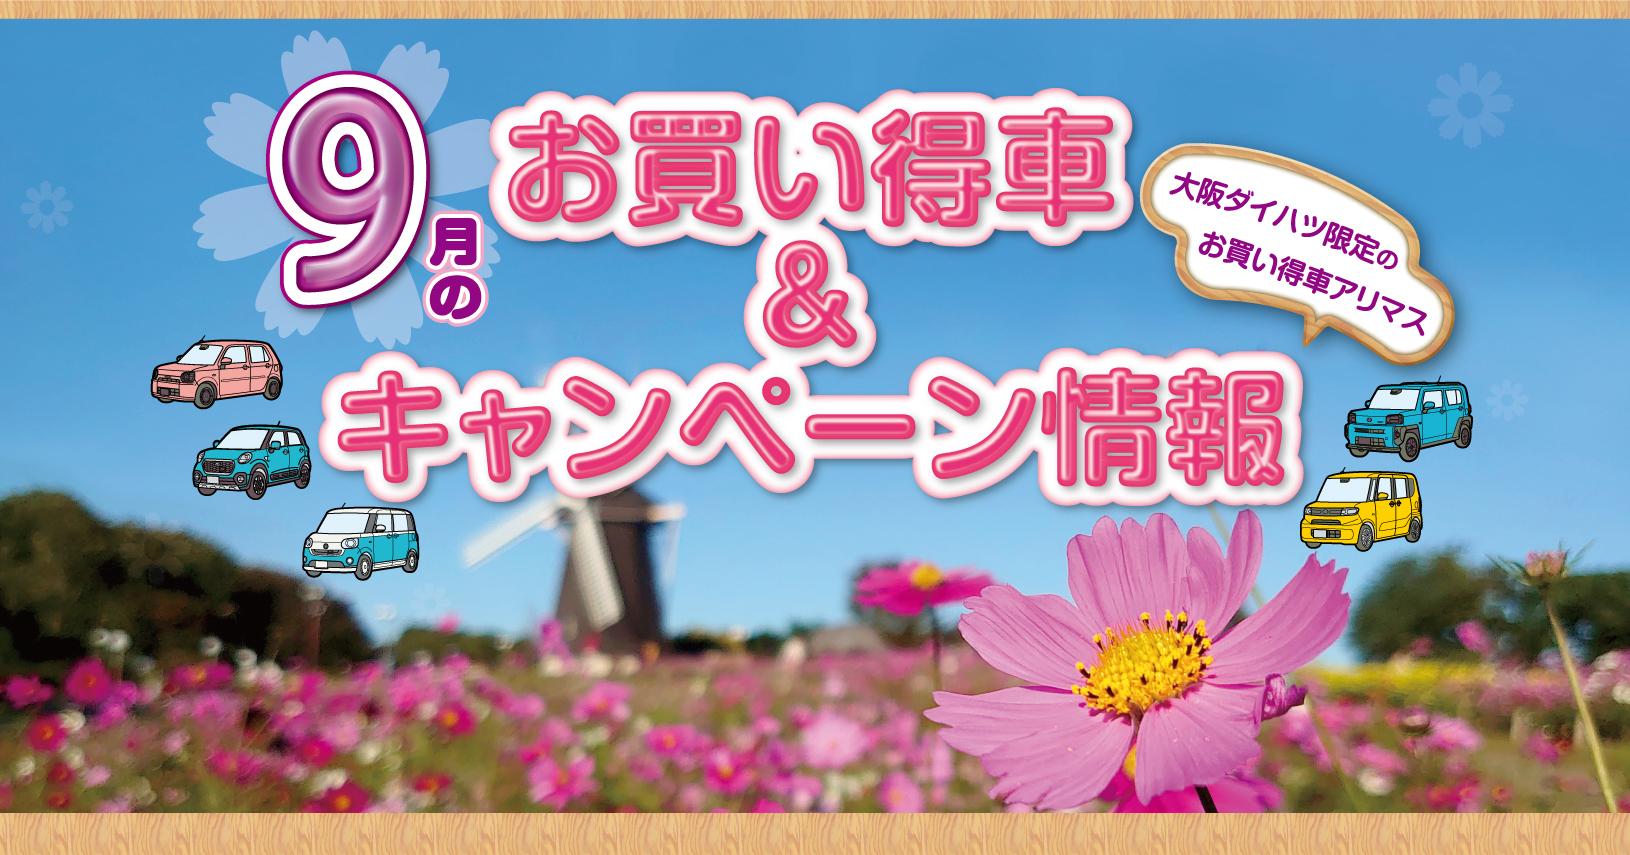 9月の大阪ダイハツ限定お買い得車&キャンペーン情報